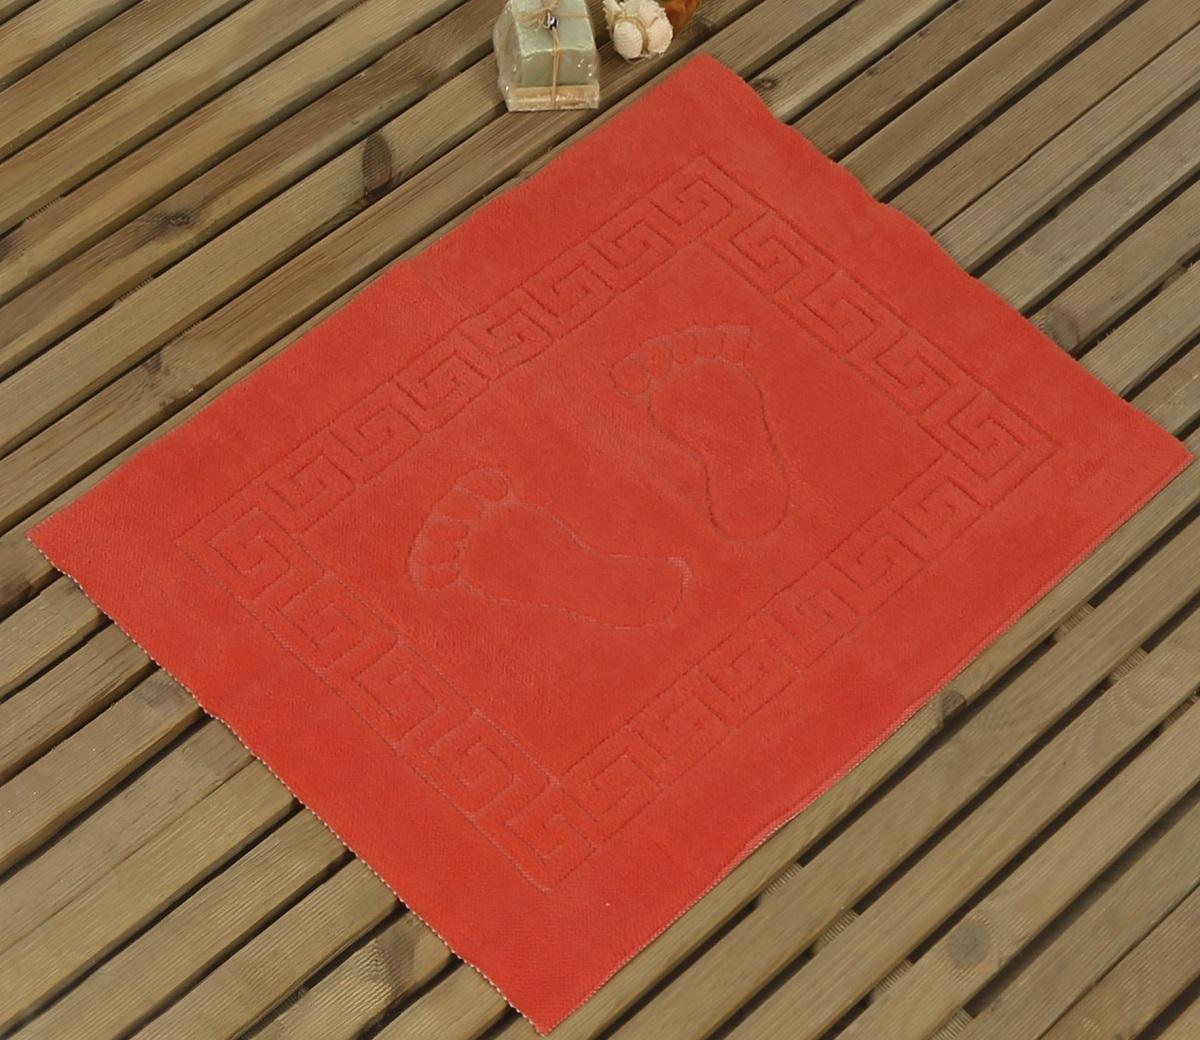 Коврик для ванной Karna Likya, цвет: персиковый, 50 х 70 см631/CHAR002Коврик Karna сделан из 100% полиэстера. Полиэстер является синтетическим волокном. Ткань, полностью изготовленная из полиэстера, даже после увлажнения, очень быстро сохнет. Изделия из полиэстера практически не требовательны к уходу и обладают высокой устойчивостью к износу. Изделия из полиэстера не мнутся и легко стираются, после стирки очень быстро высыхают. Материал очень прочный, за время использования не растягивается и не садится. А также обладает высокой влагонепроницаемостью.